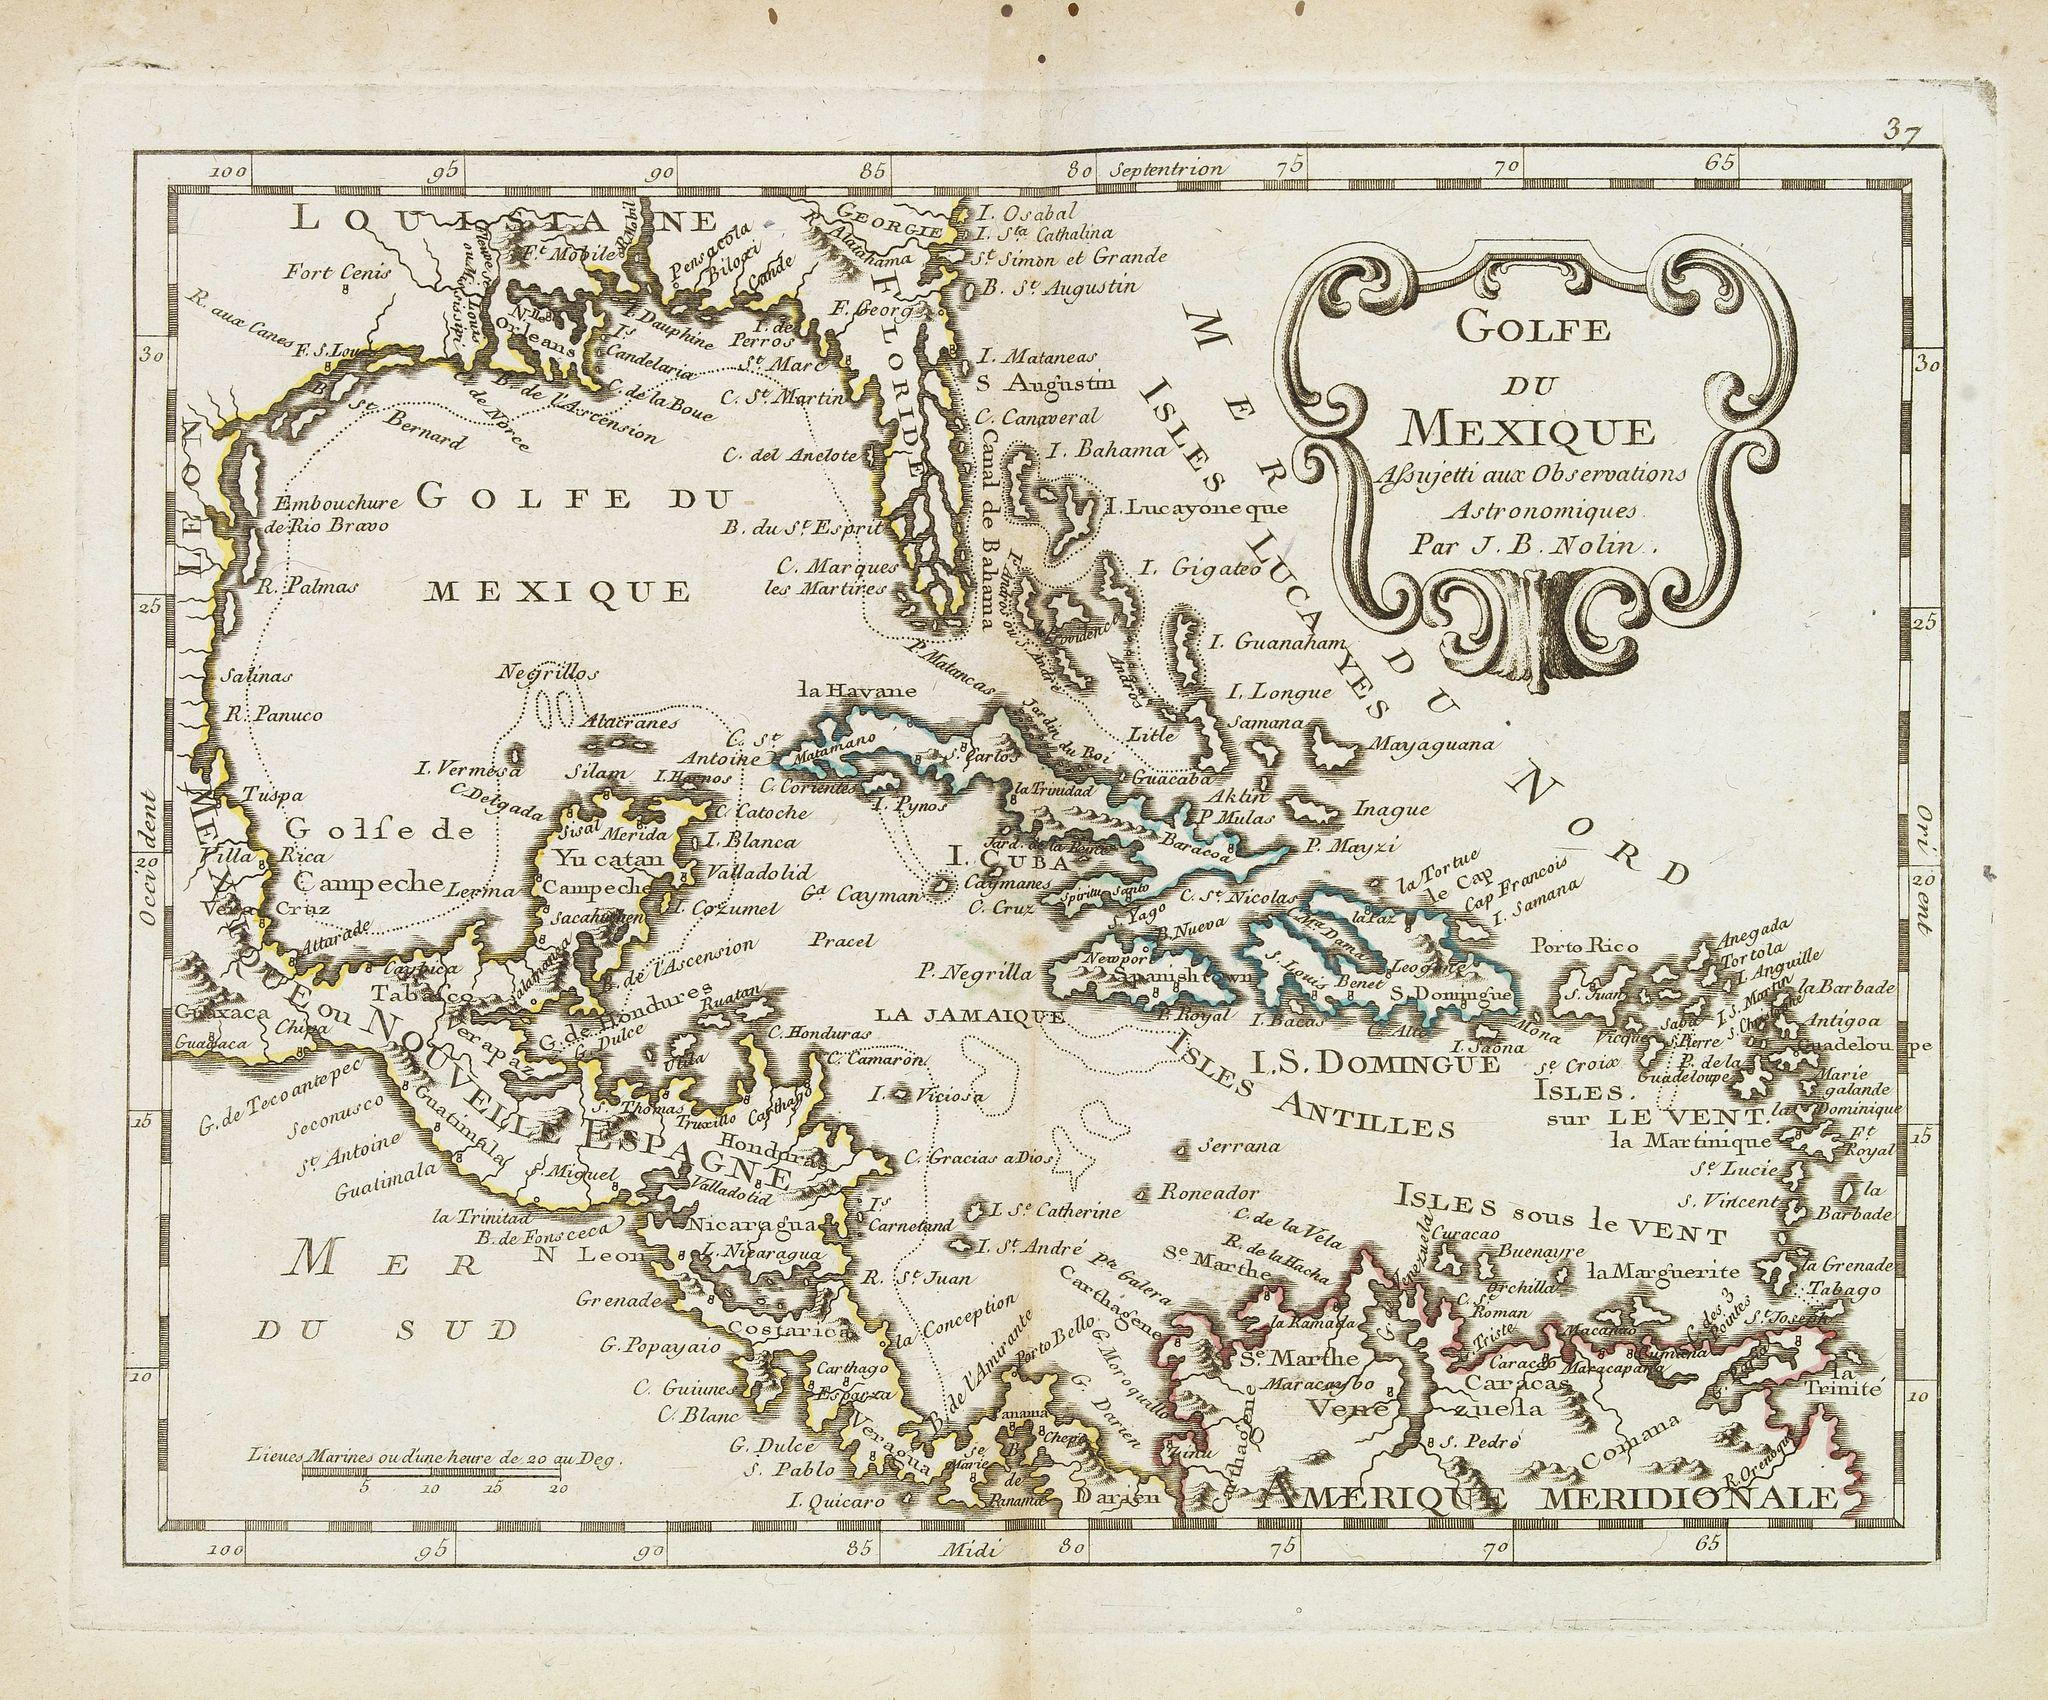 MONDHARE, L.J. / NOLIN, J.B. -  Golfe du Mexique Assujetti aux Observations Astronomiques Par J.B.Nolin.